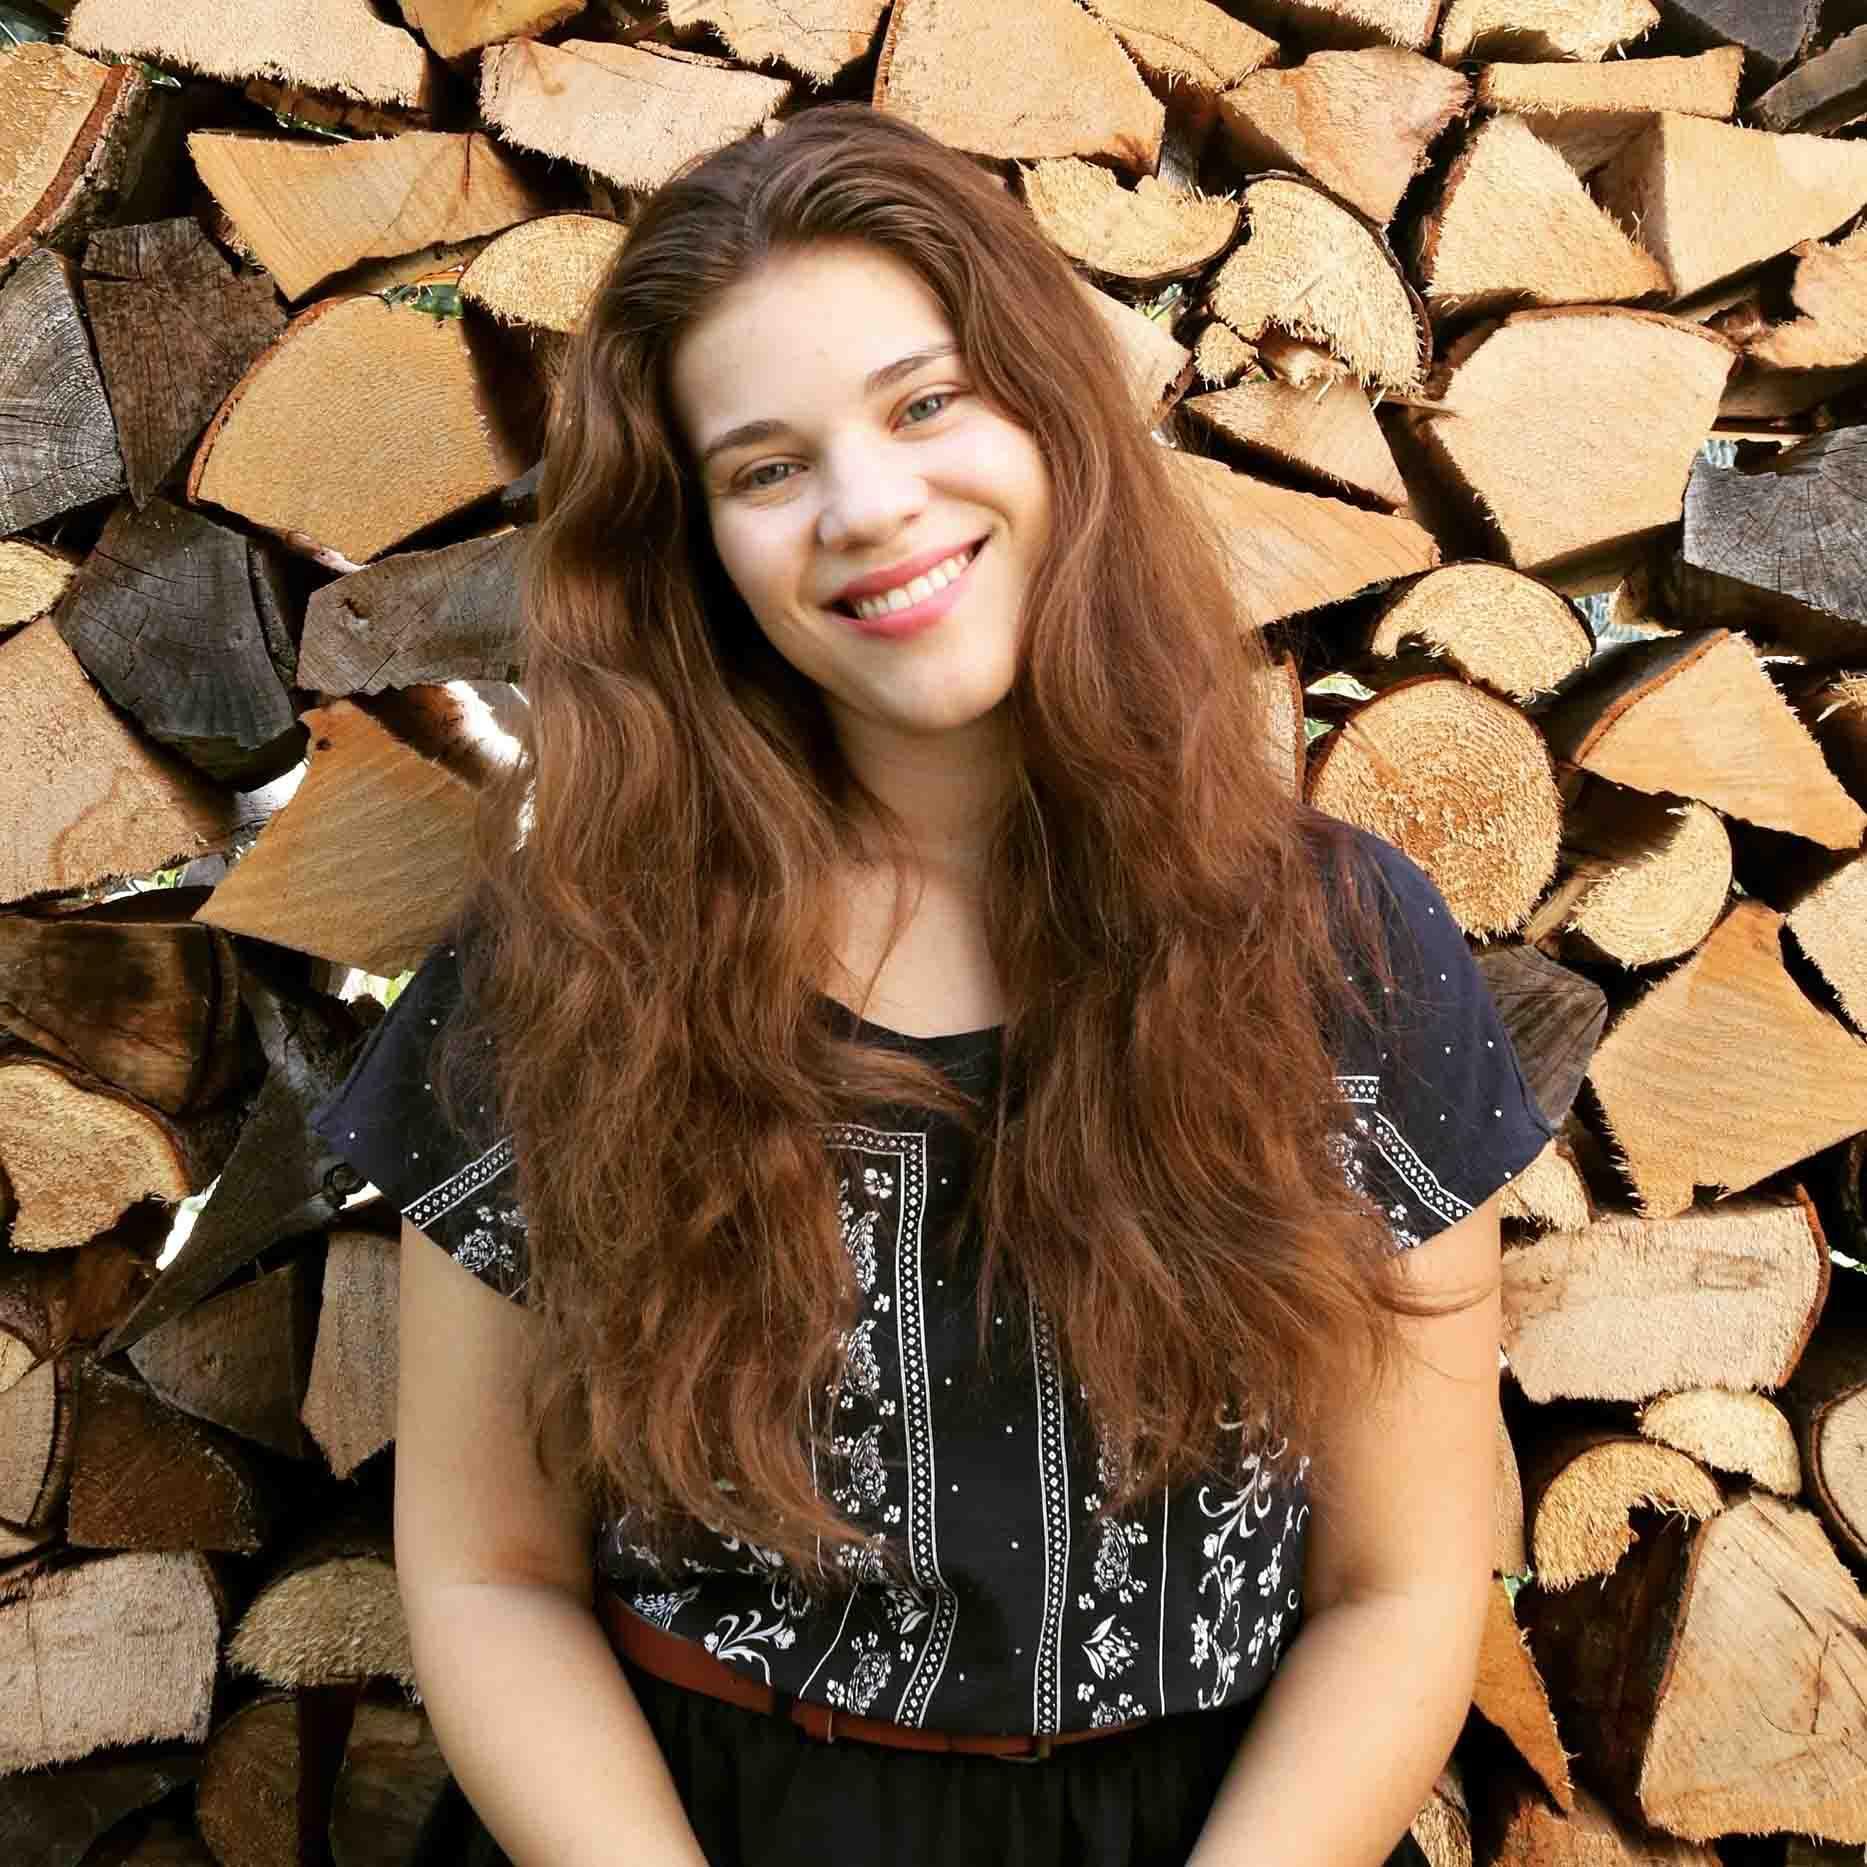 Lisa_Marie_Ströbel_Project Kindness_Side Hustle